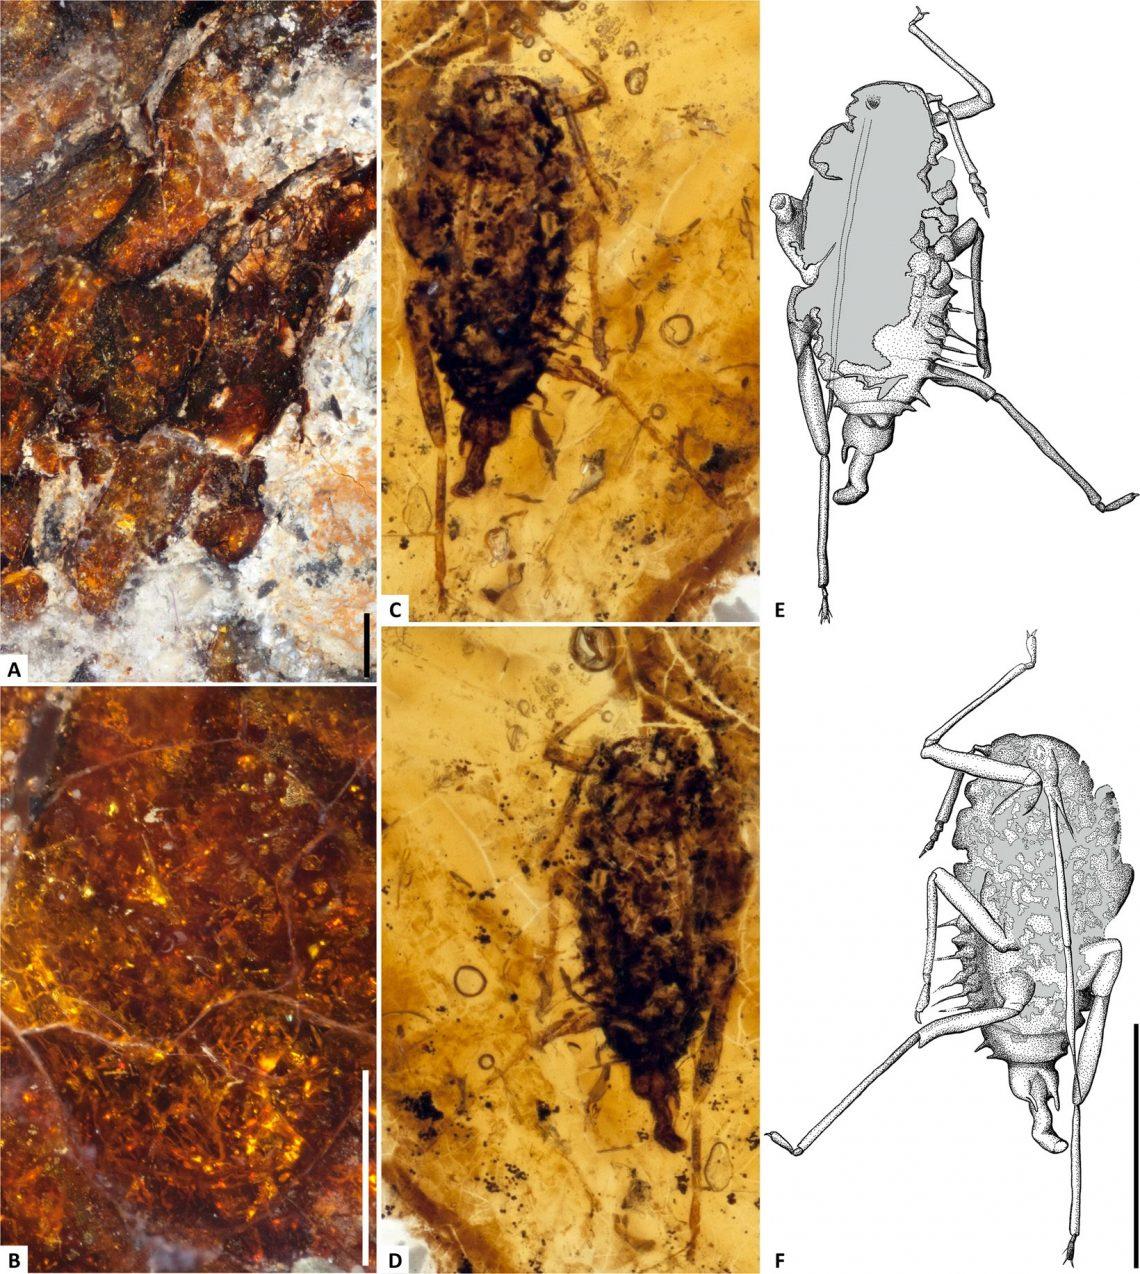 Заключённое вянтаре насекомое явно принадлежит кнадсемейству тлей (Aphidoidea) ипо всем релевантным для определения критериям соответствует Cretamyzidae, вымершему монотипическому семейству тлей, ранее обнаруженных внесколько более старом янтаре, найденном врайоне Гресси Лейк, Альберта